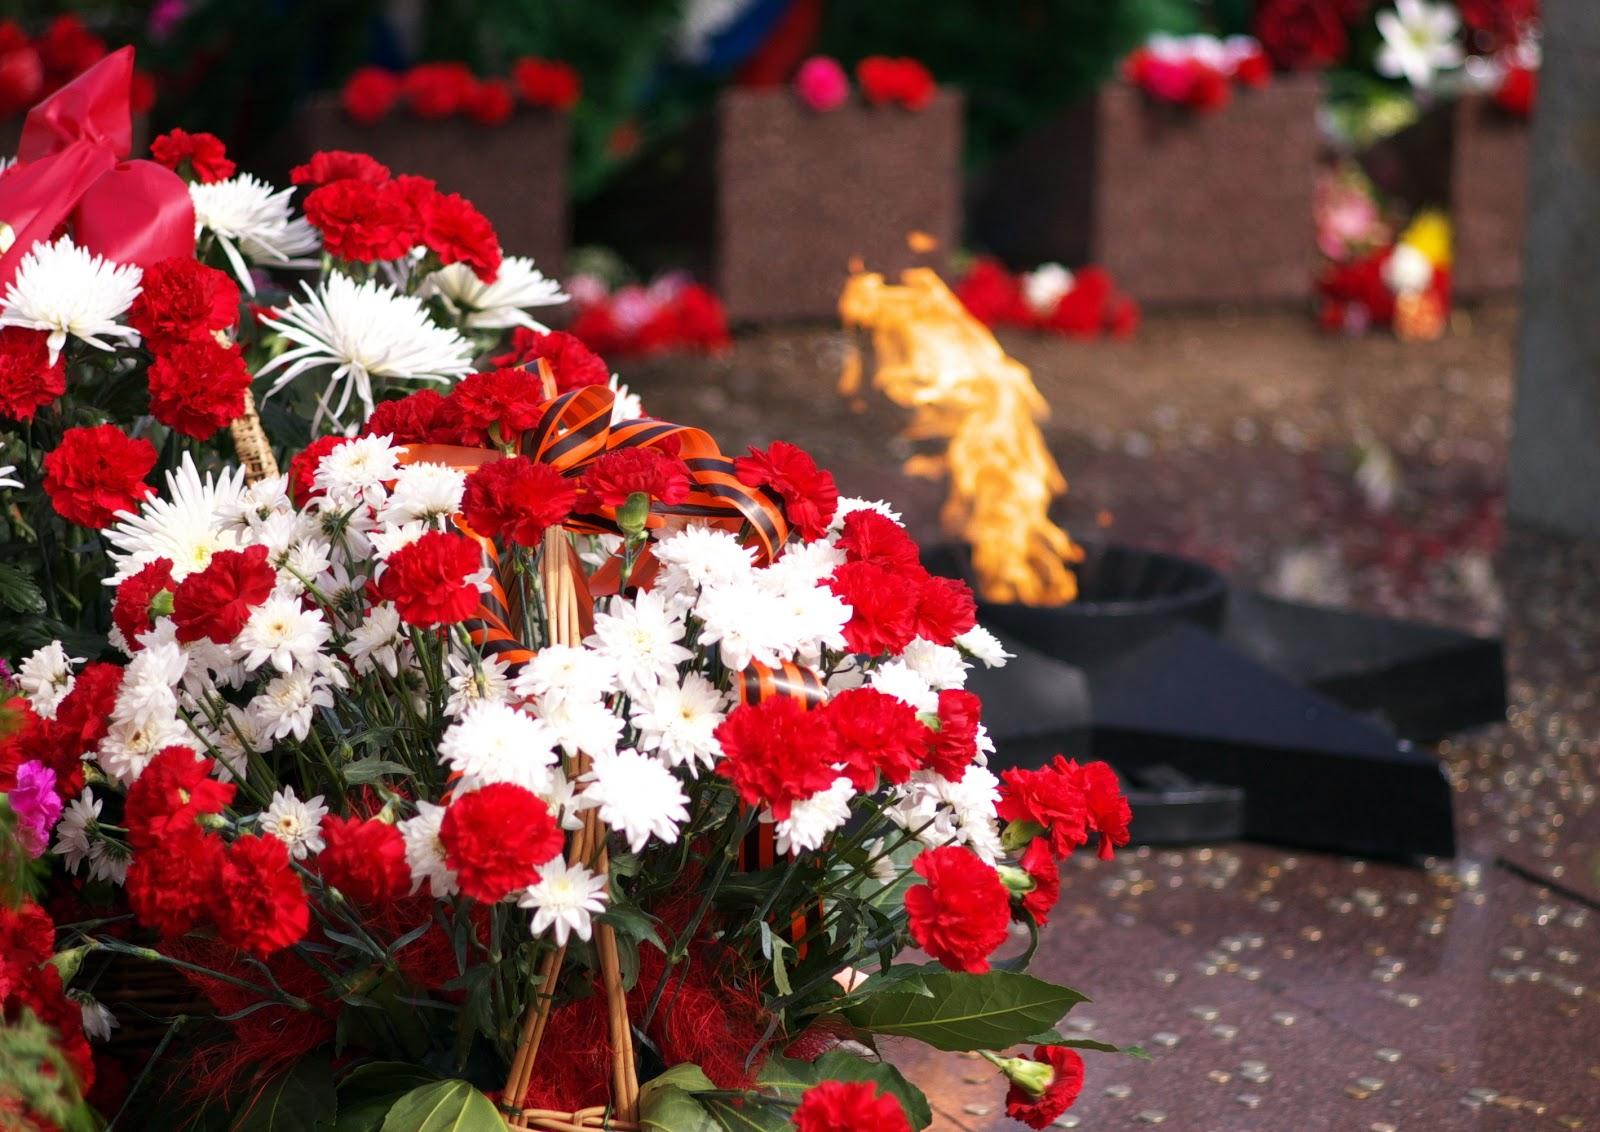 Download flower images image freeuse download Free flower download - ClipartFest image freeuse download